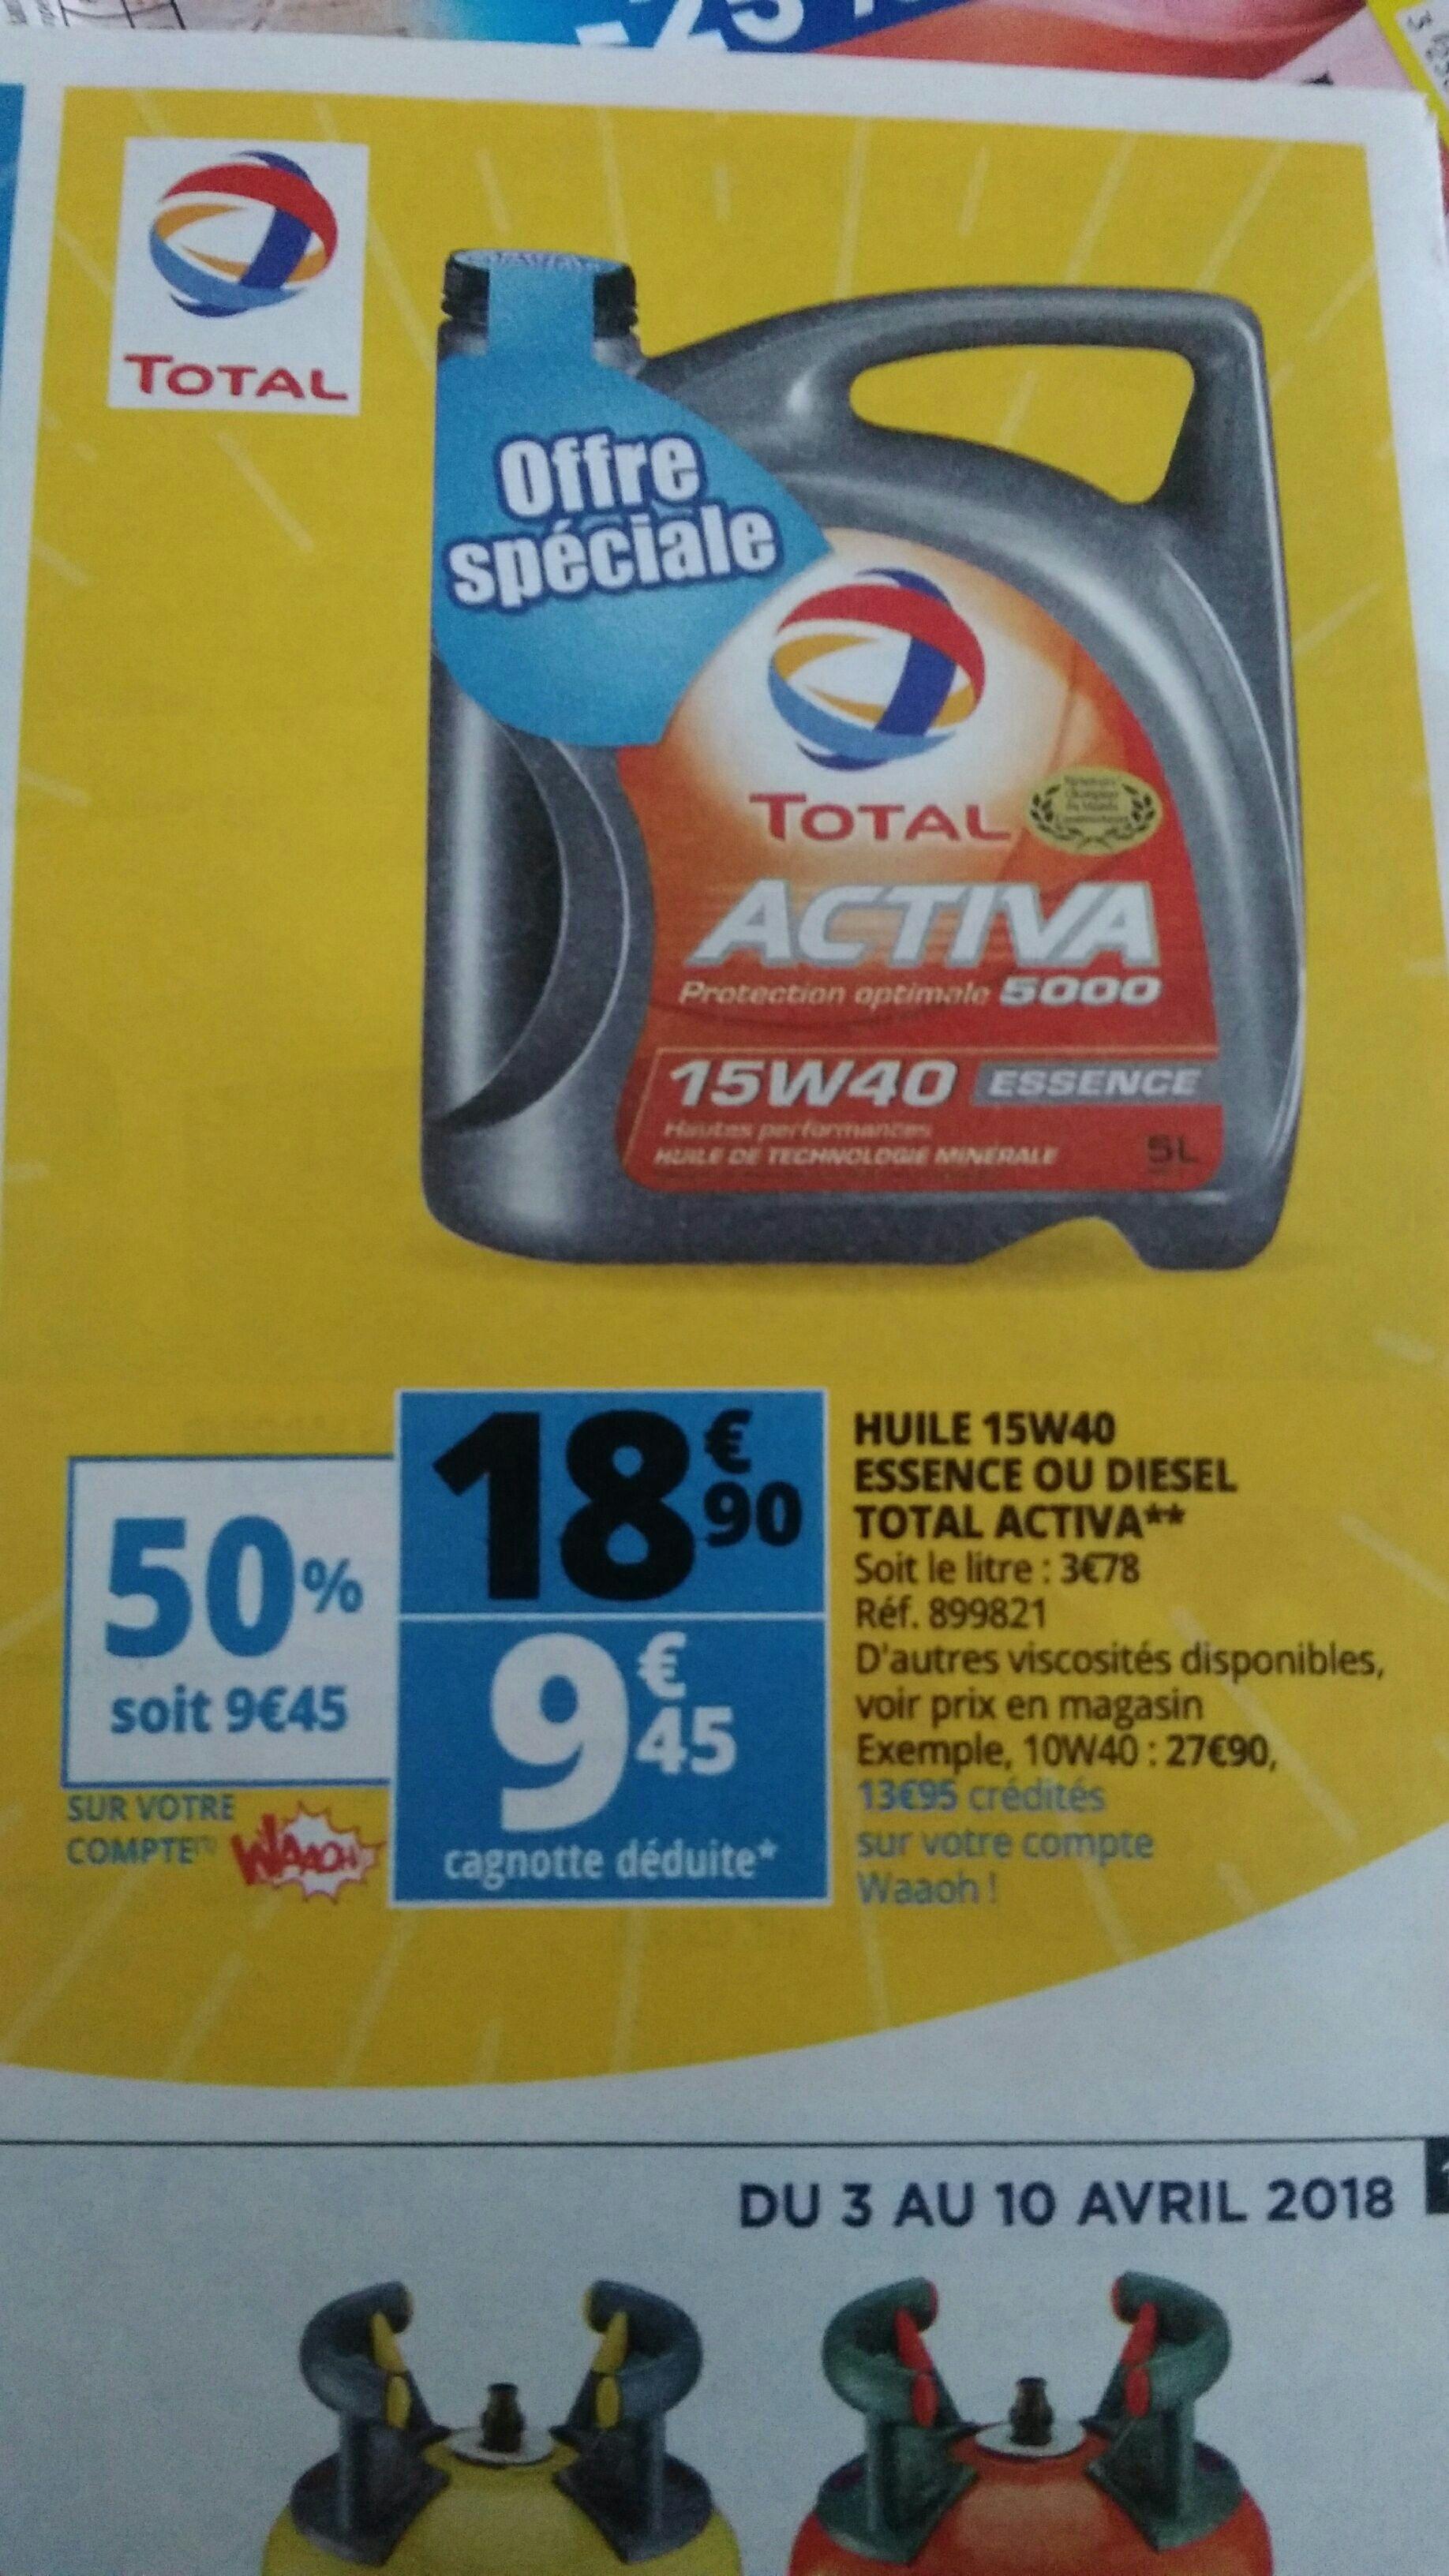 Huile 15W40 essence ou diesel total activia (via 9.45€ sur la carte fidélité)